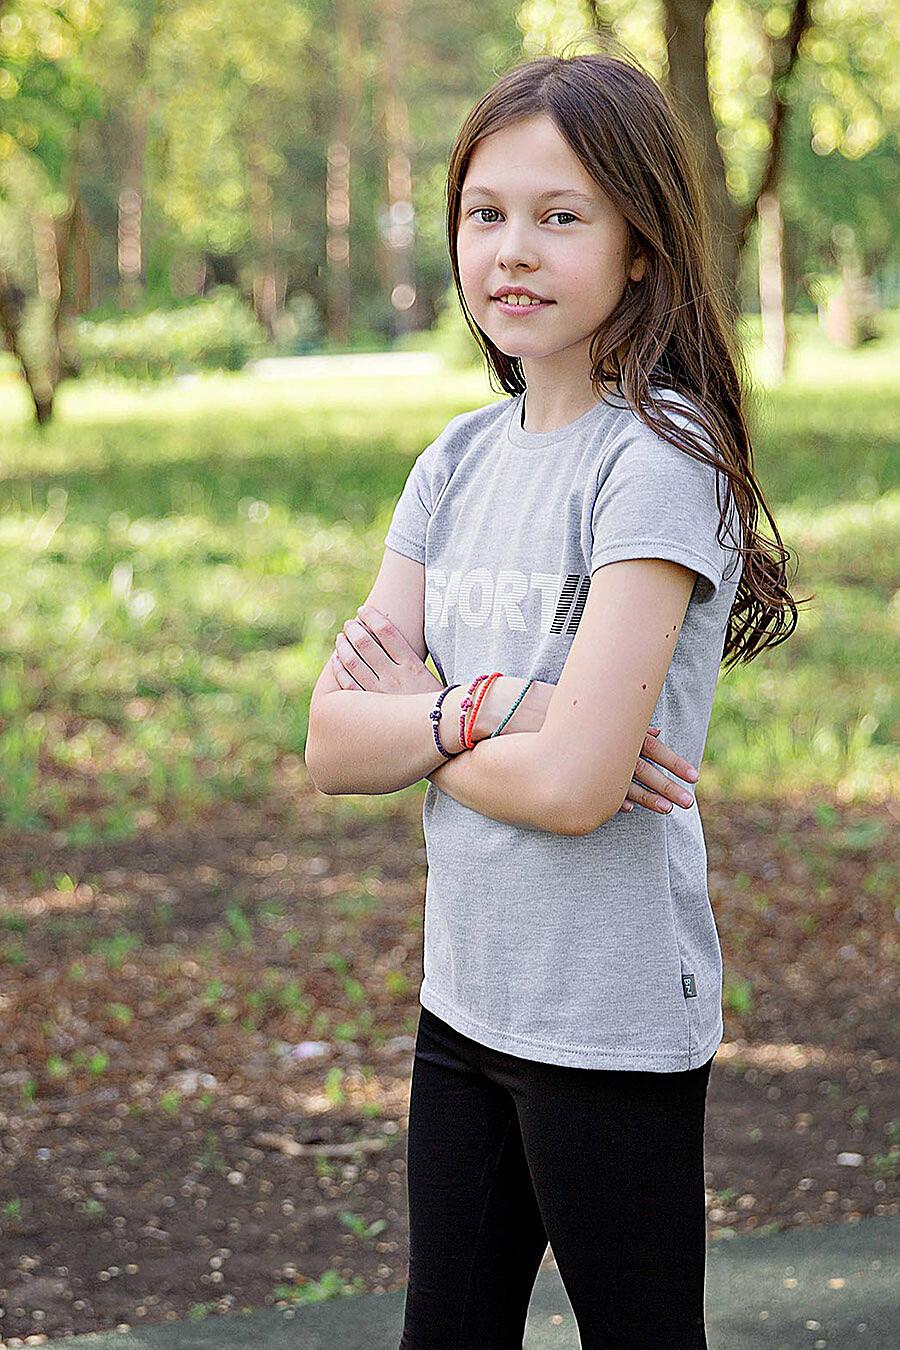 Футболка для девочек BOSSA NOVA 219667 купить оптом от производителя. Совместная покупка детской одежды в OptMoyo